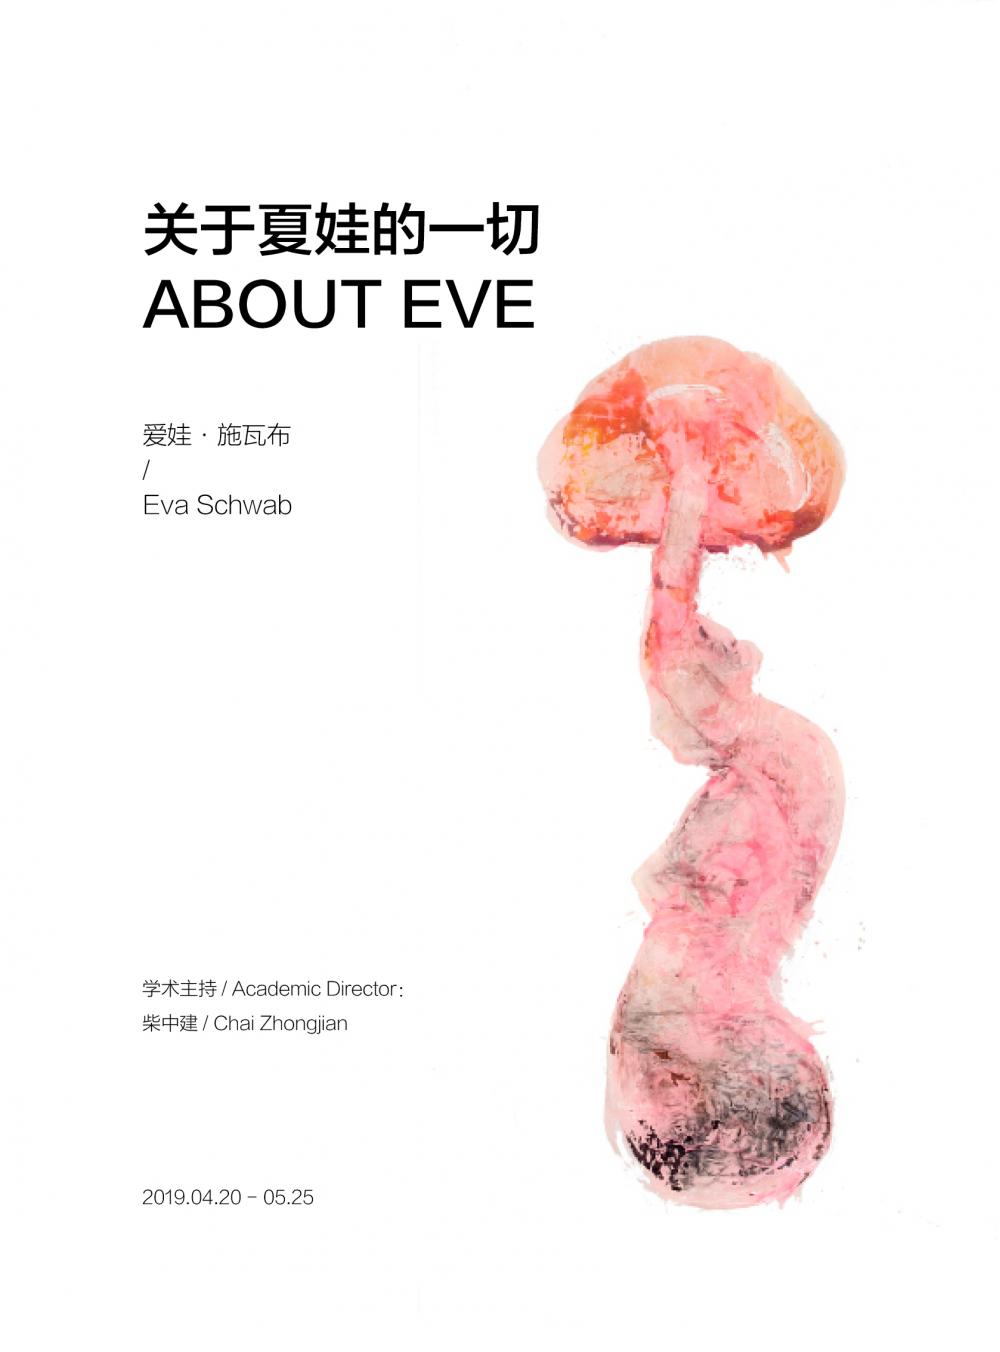 爱娃·施瓦布:关于夏娃的一切 Eva Schwab:About Eve